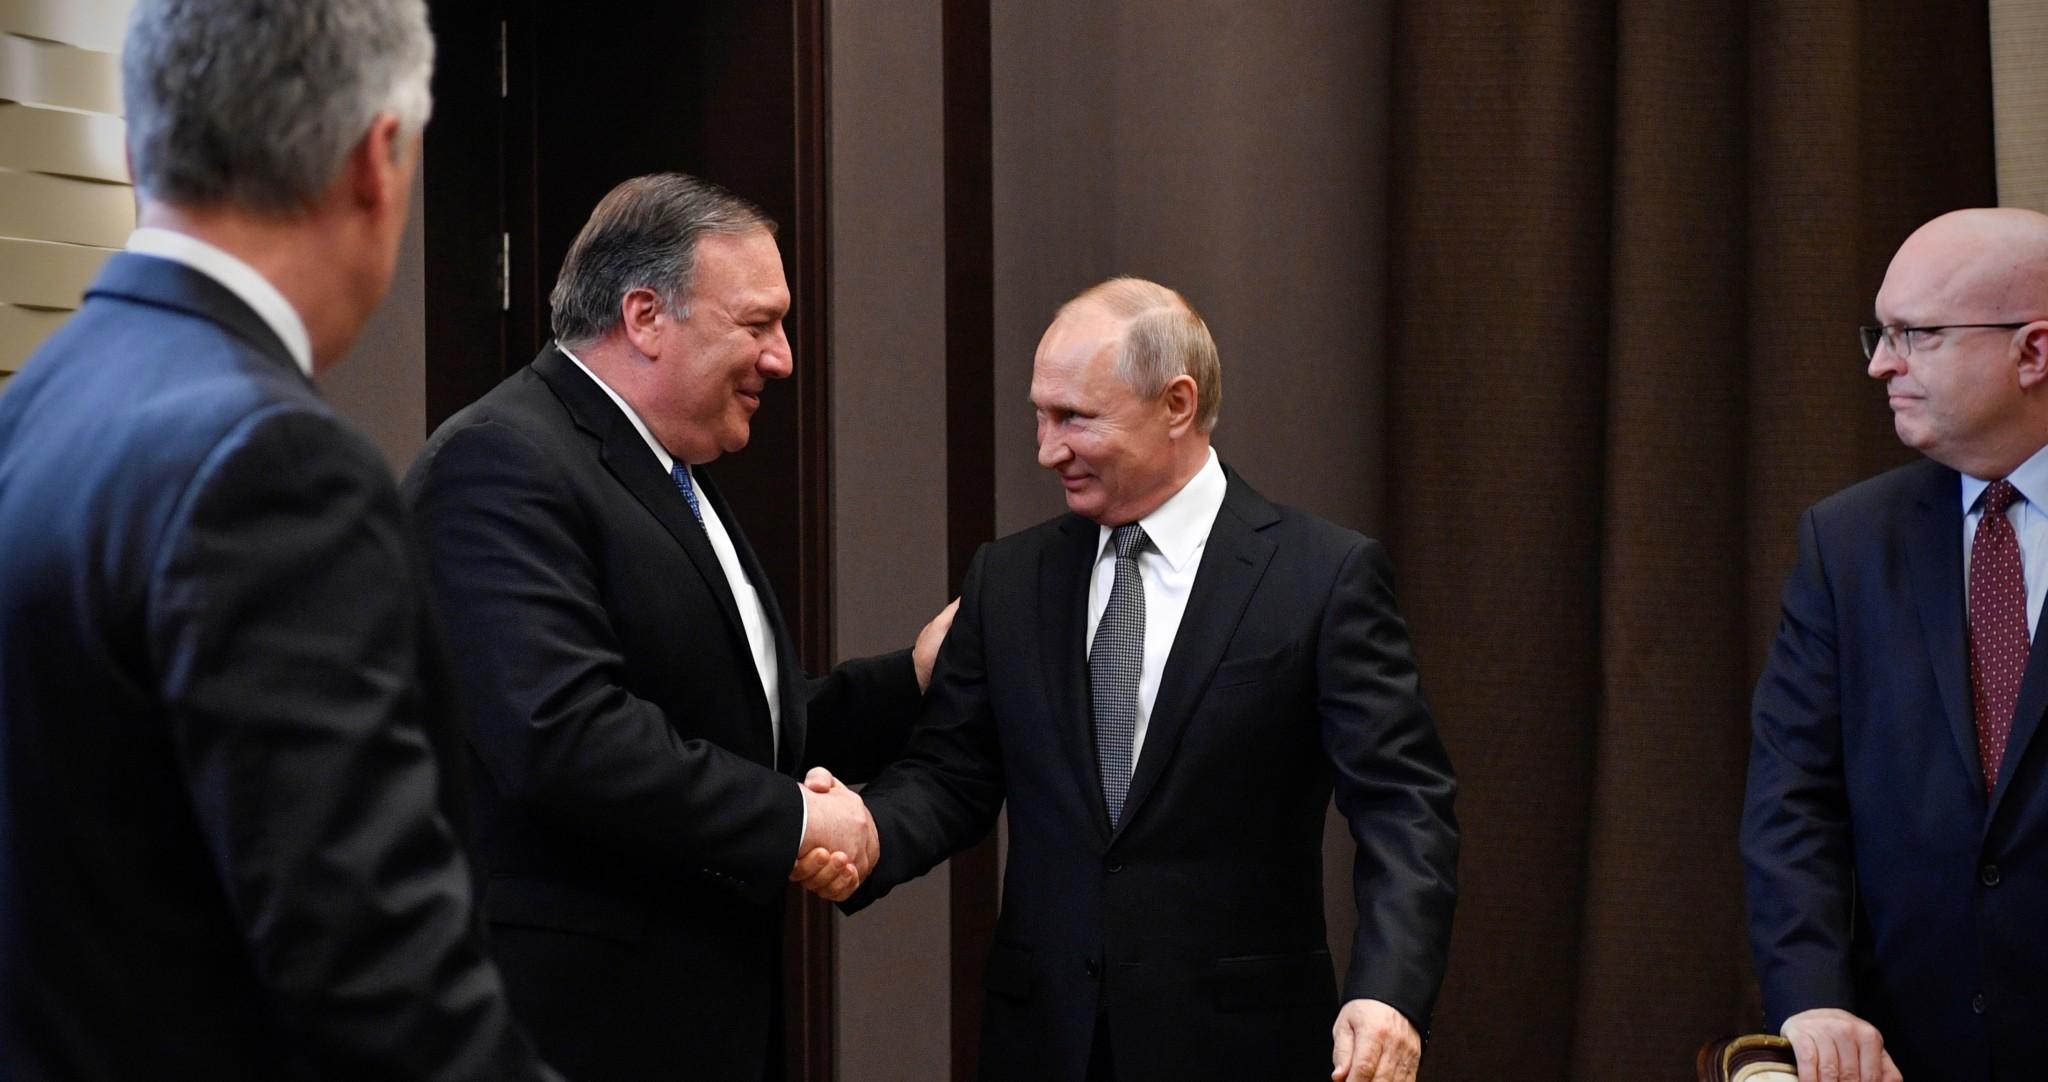 Enig med Putin om veien videre i Syria